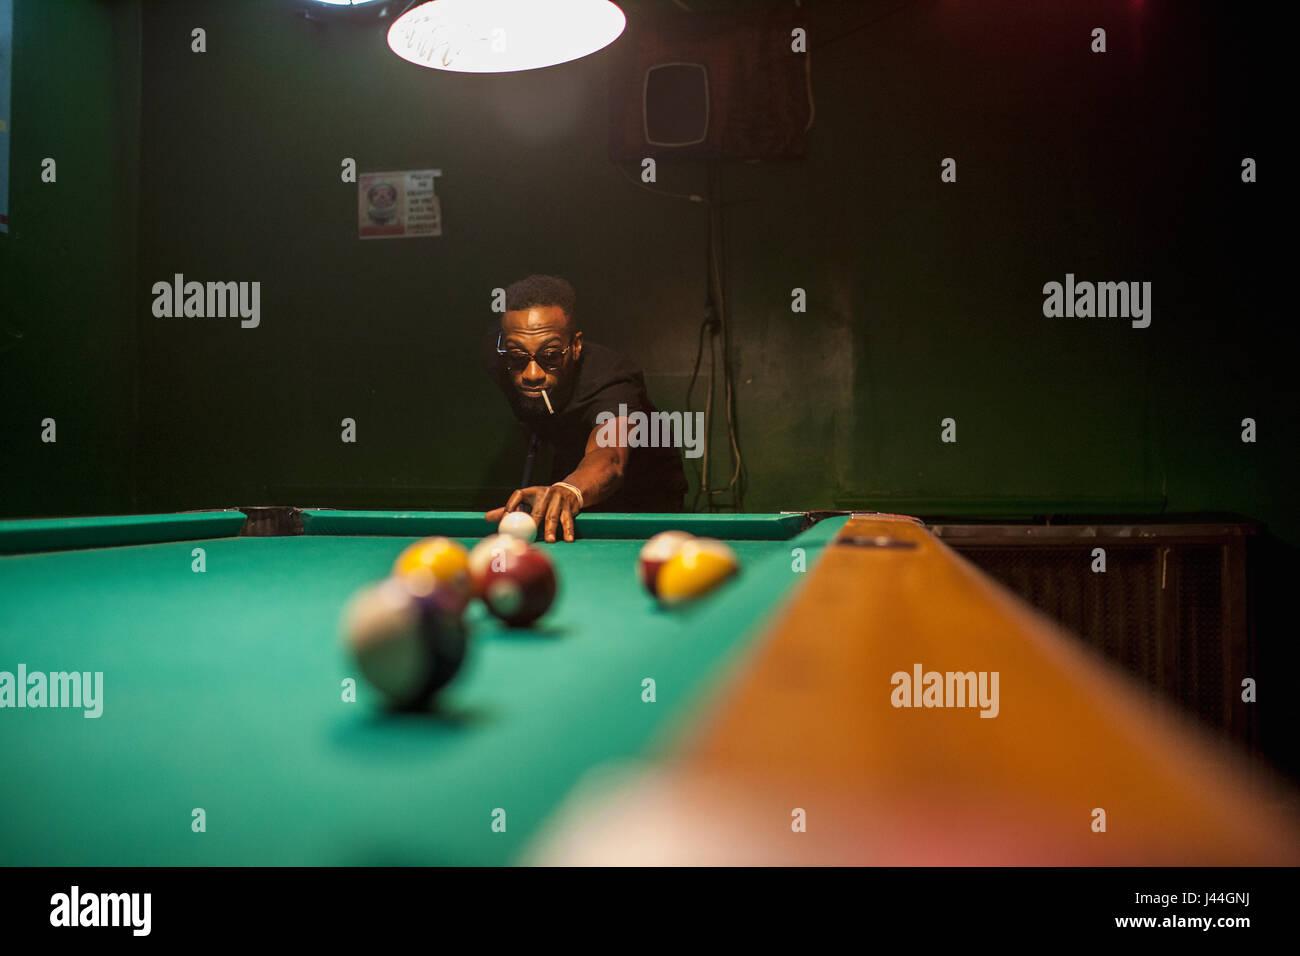 Ein junger Mann, Billard spielen. Stockbild